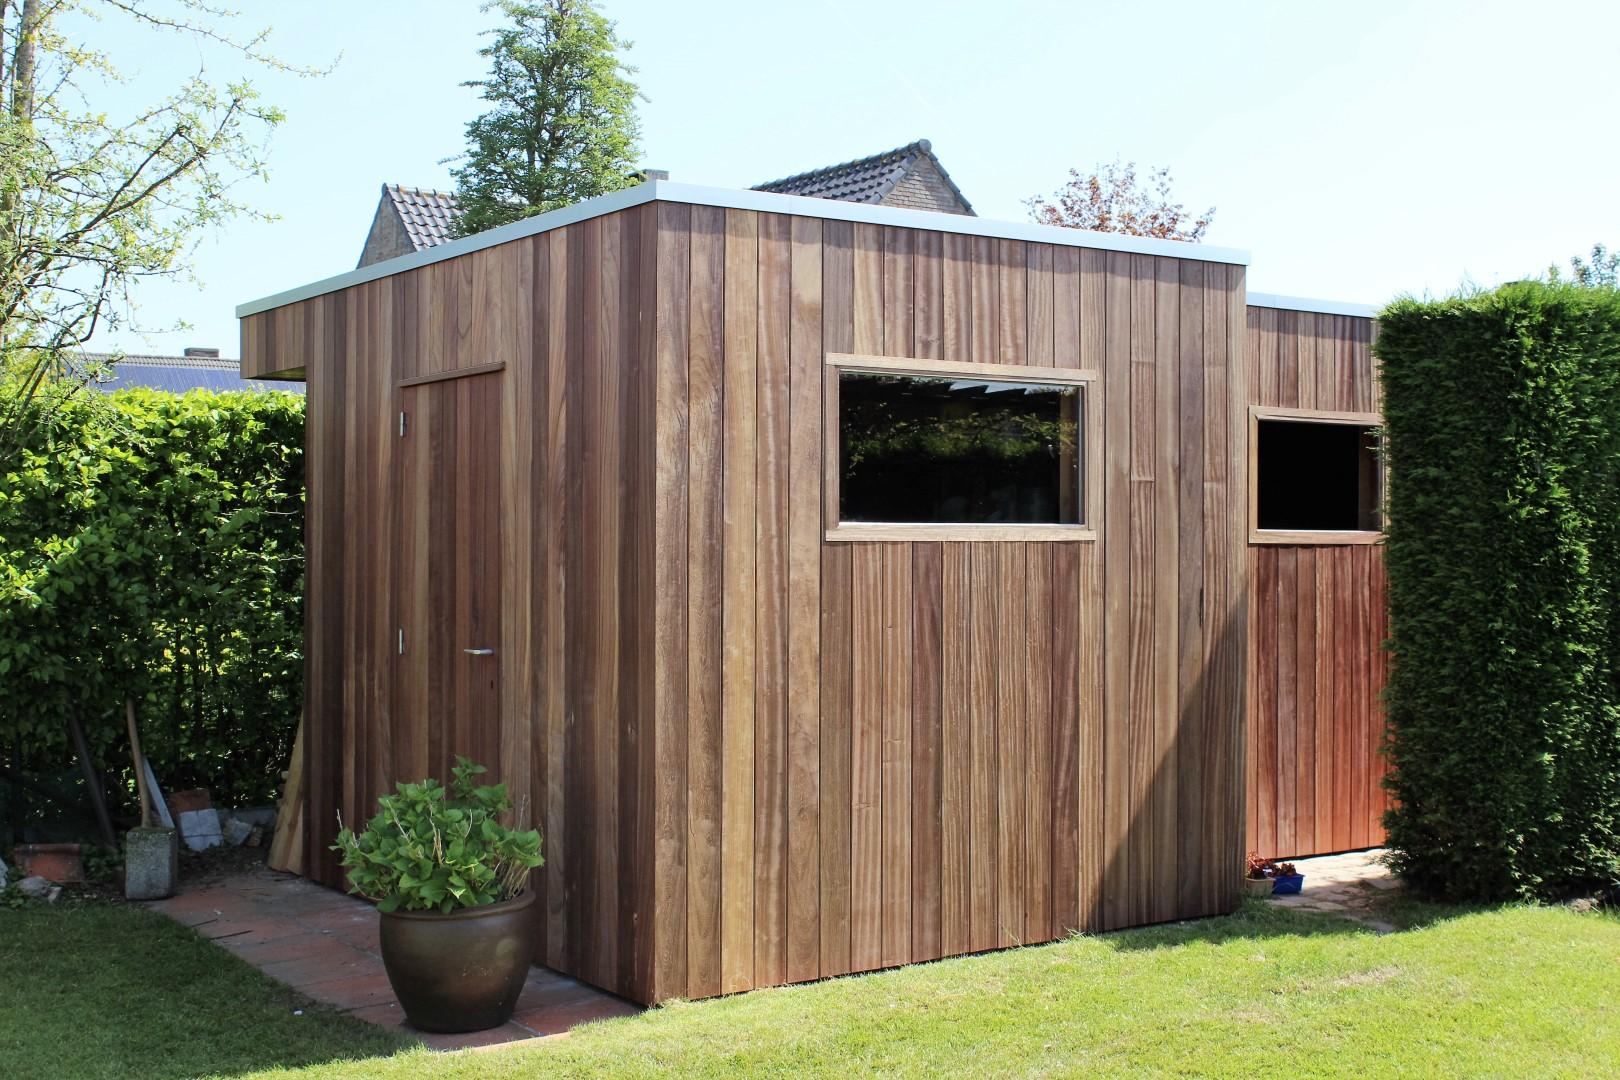 GB Construct, Tuinhuis, Bijgebouw, Schrijnwerken, Padouk planchetten, EPDM dakbedekking